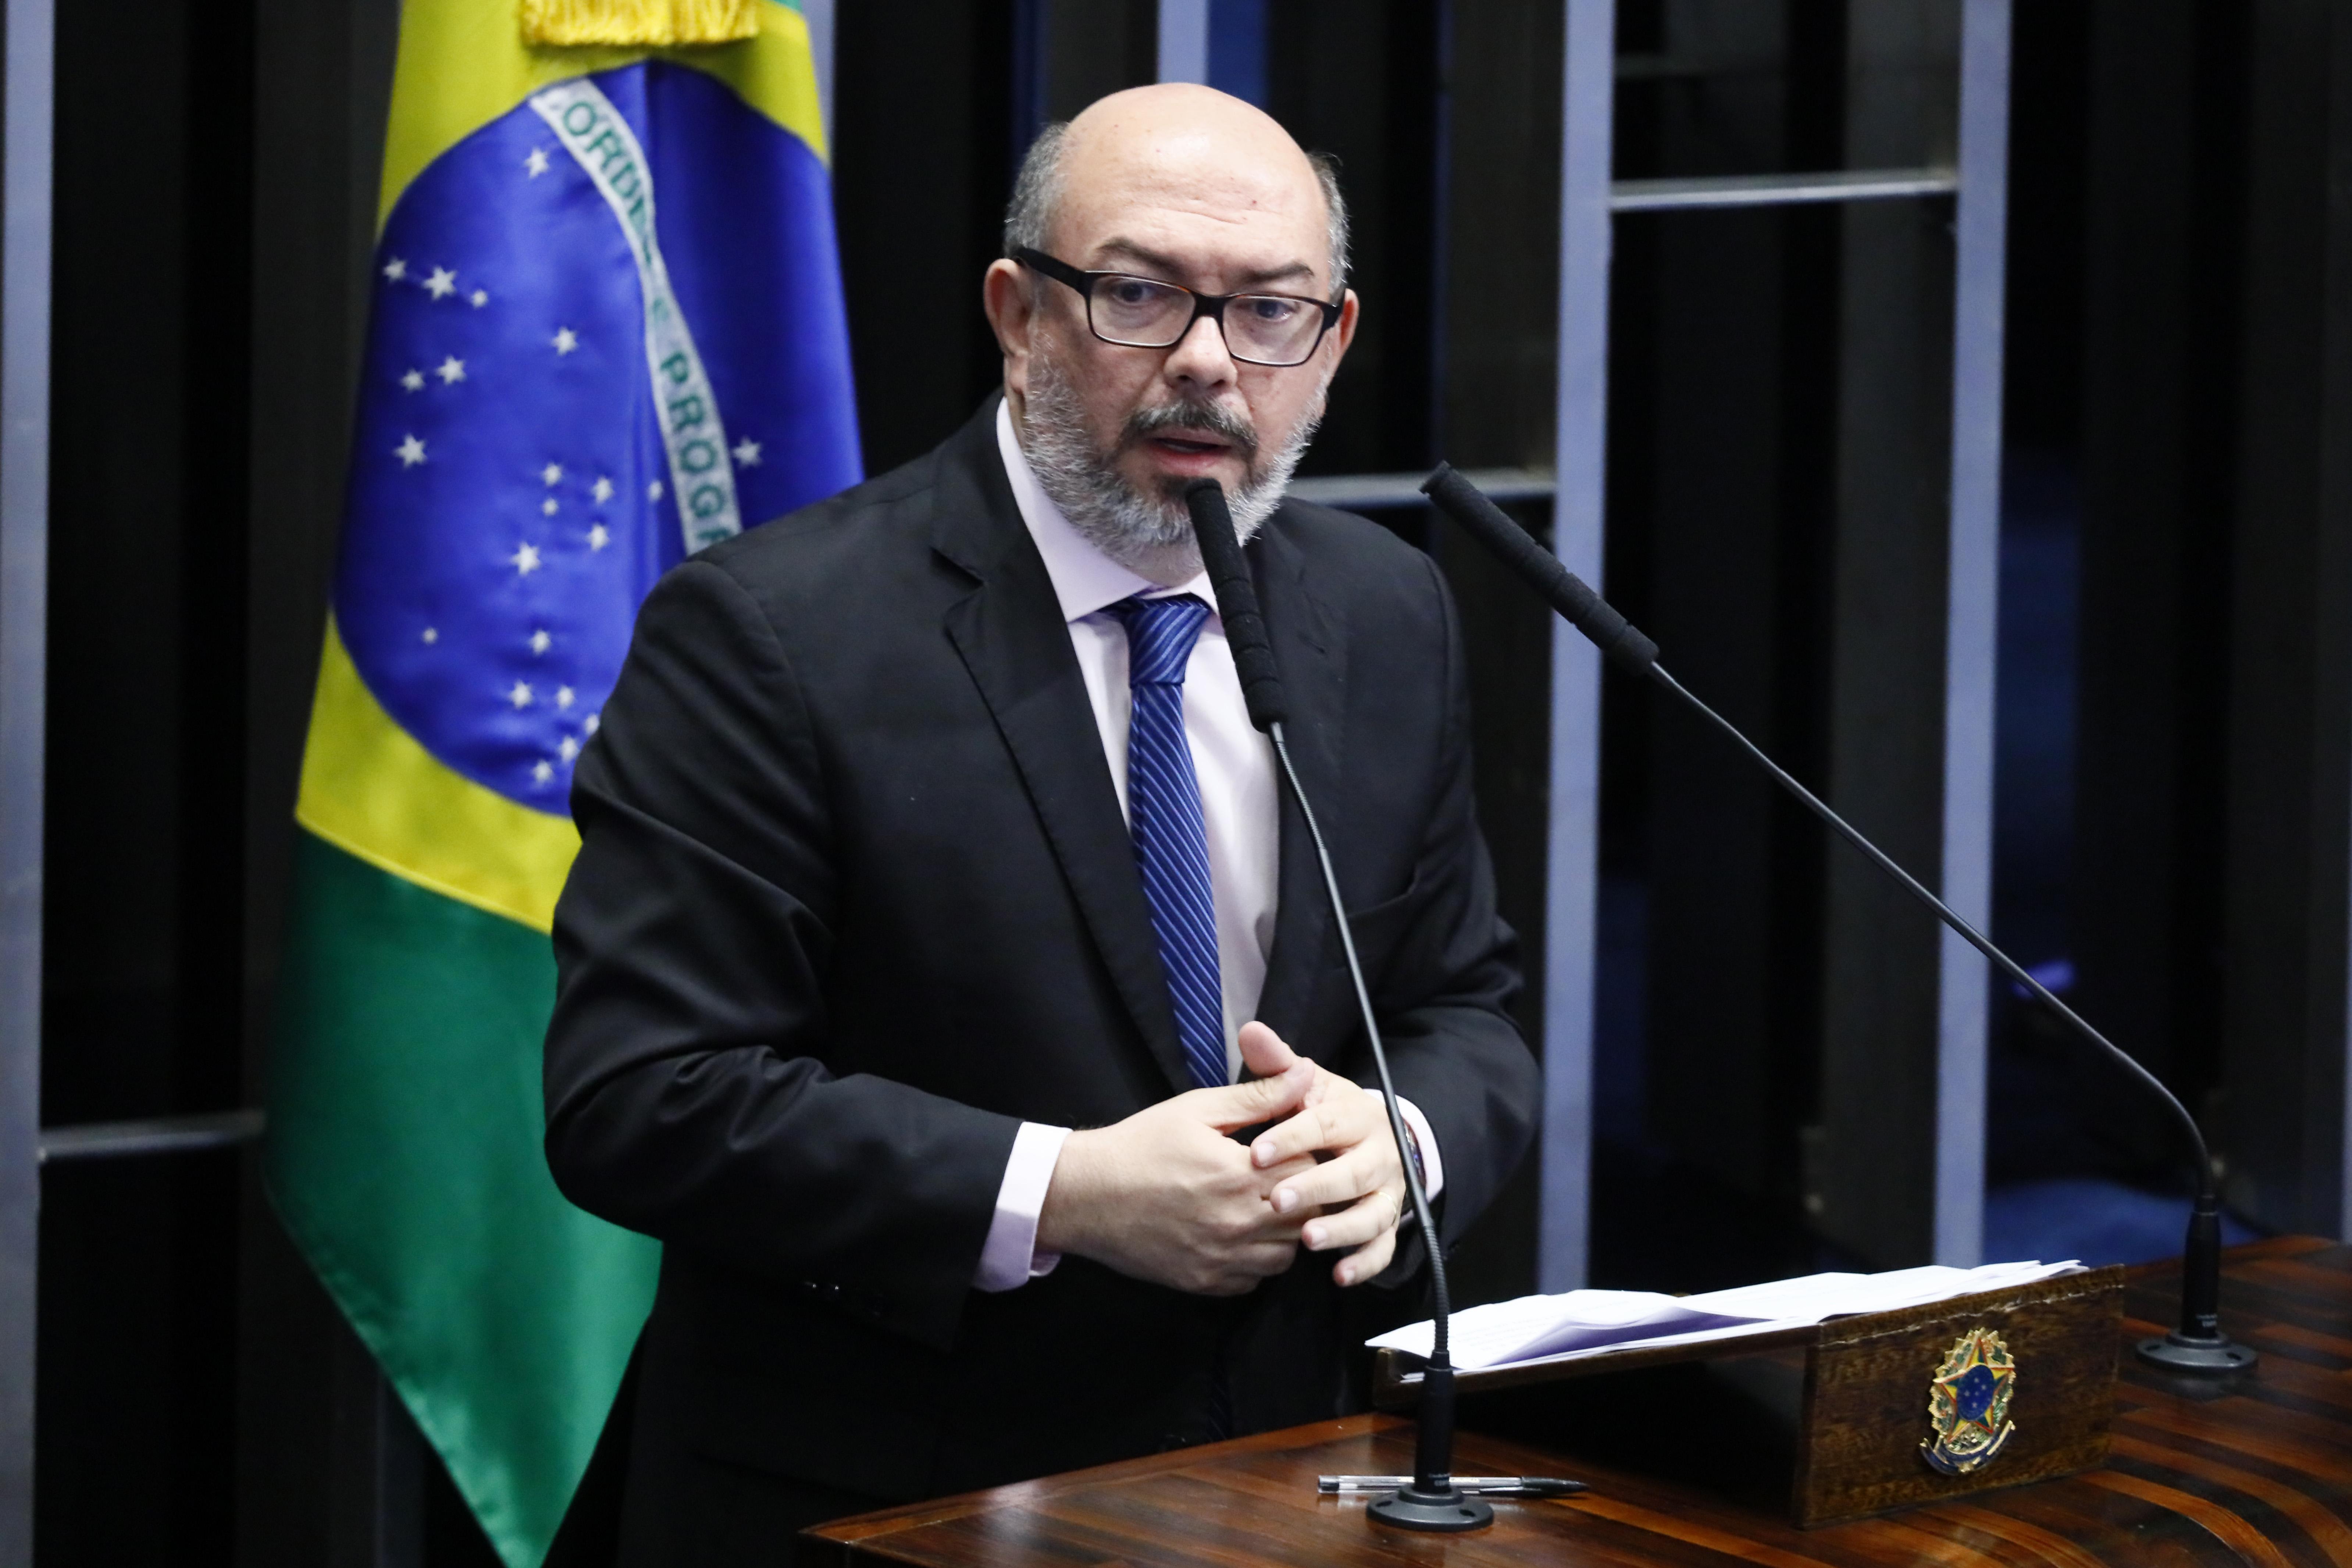 Homenagem ao centenário do nascimento do professor Fernando Figueira, patrono do Instituto de Medicina (IMIP), no Recife/ PE